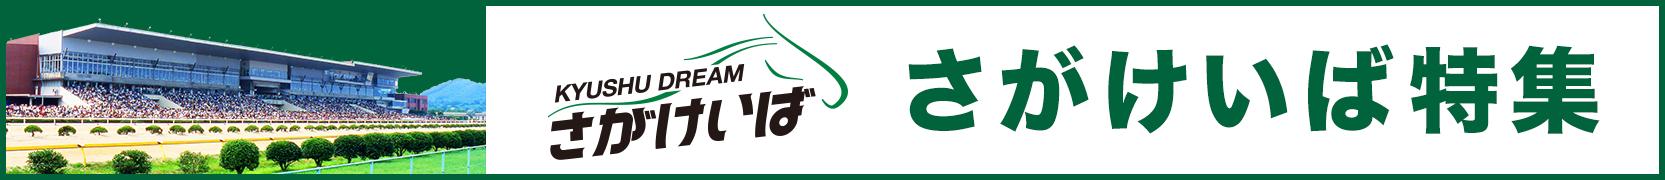 佐賀ポータルサイト